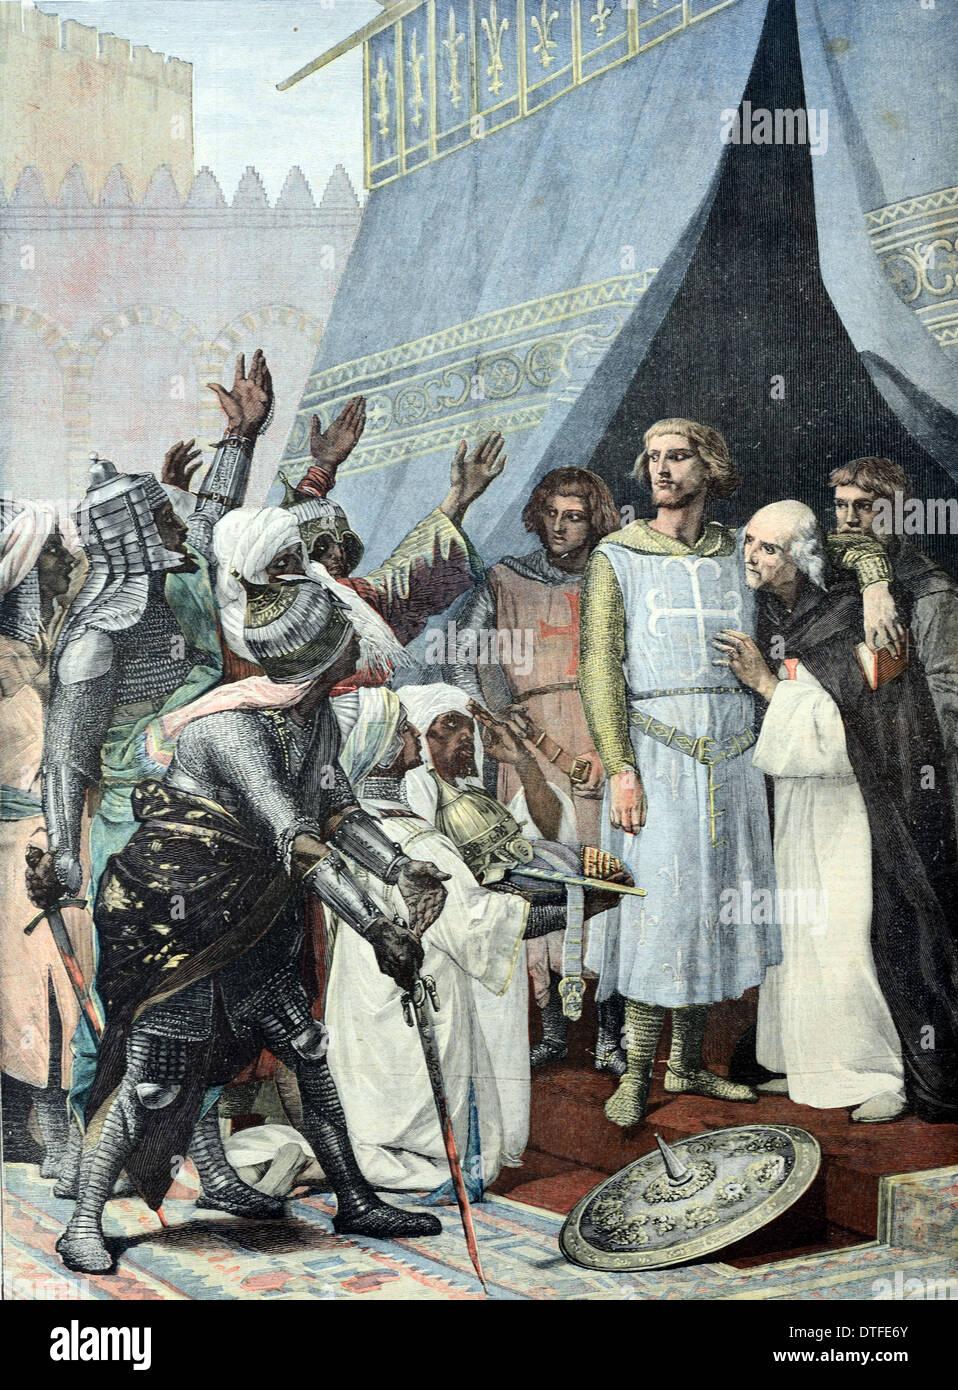 Le roi Louis IX ou Saint Louis IX Saint Catholique et Roi de France (1214-1270) à Jérusalem au cours de la septième croisade (c1248) Banque D'Images